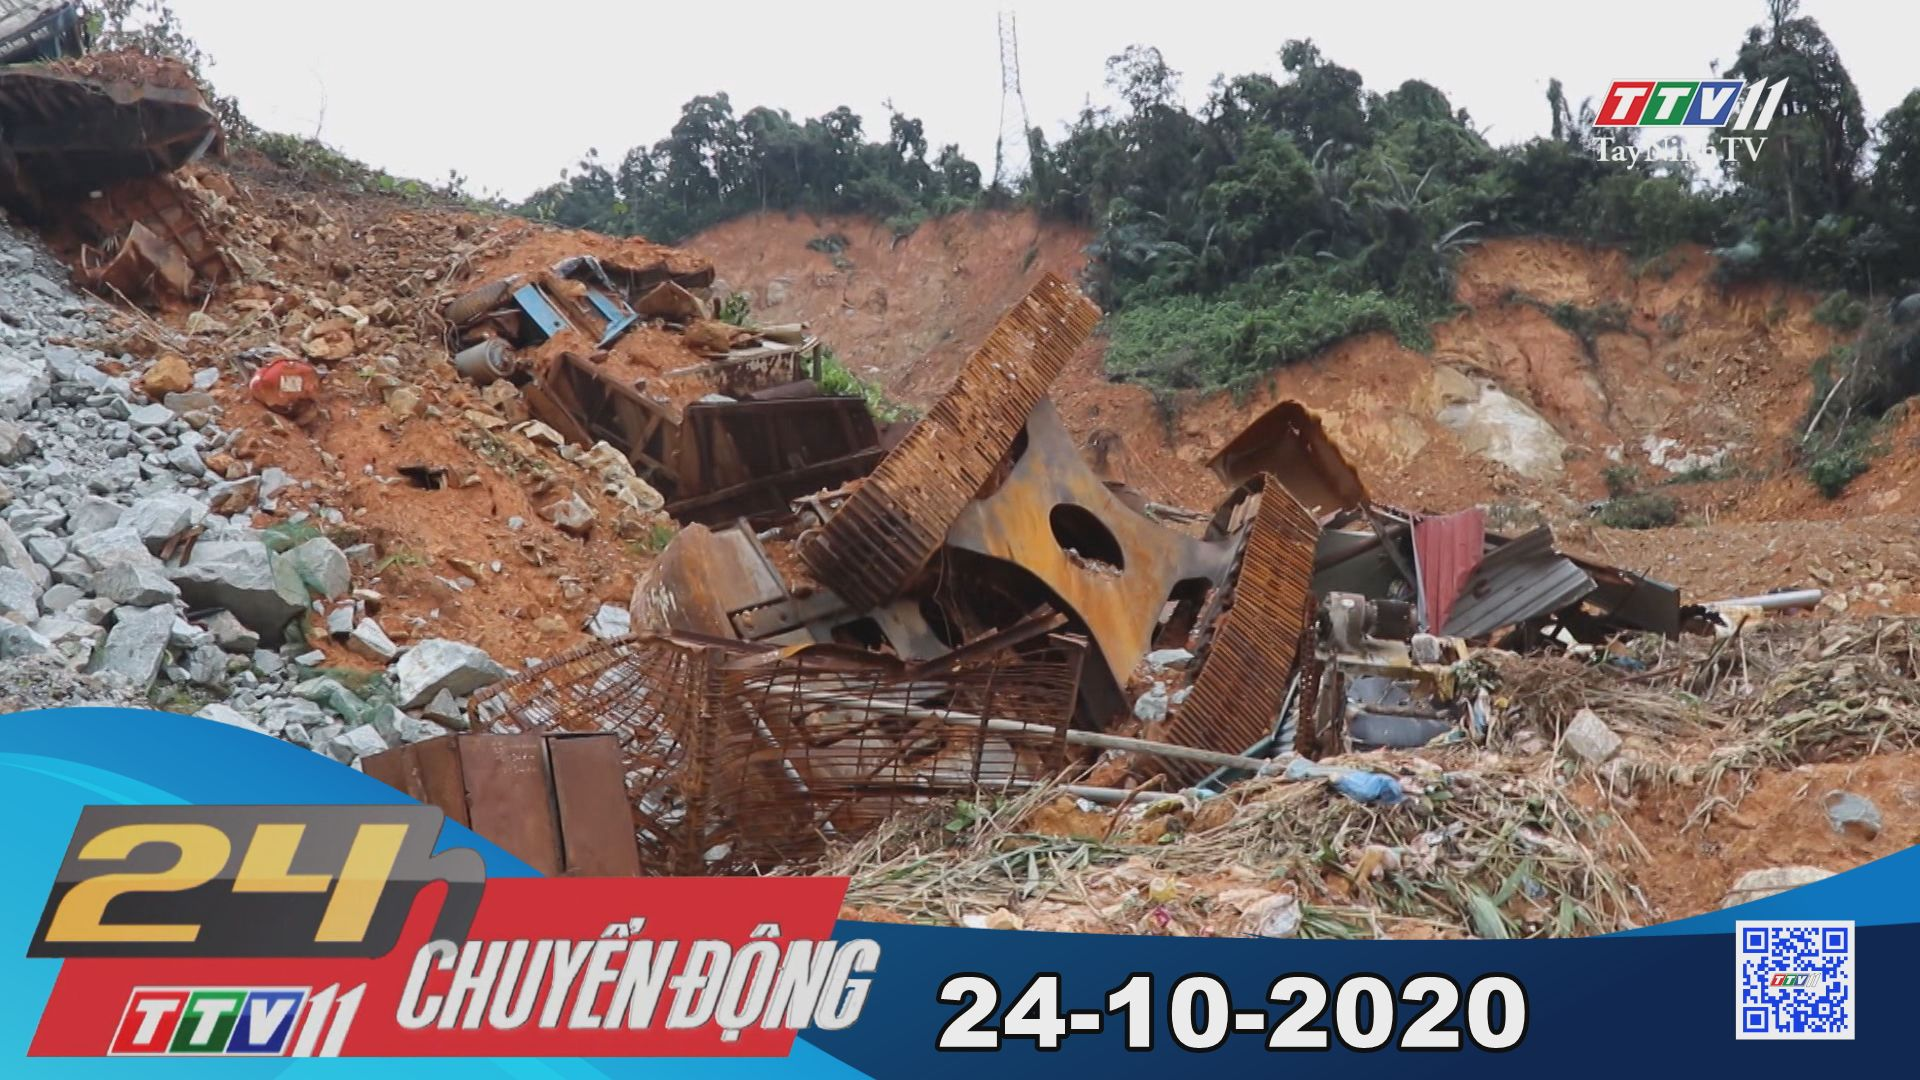 24h Chuyển động 24-10-2020 | Tin tức hôm nay | TayNinhTV